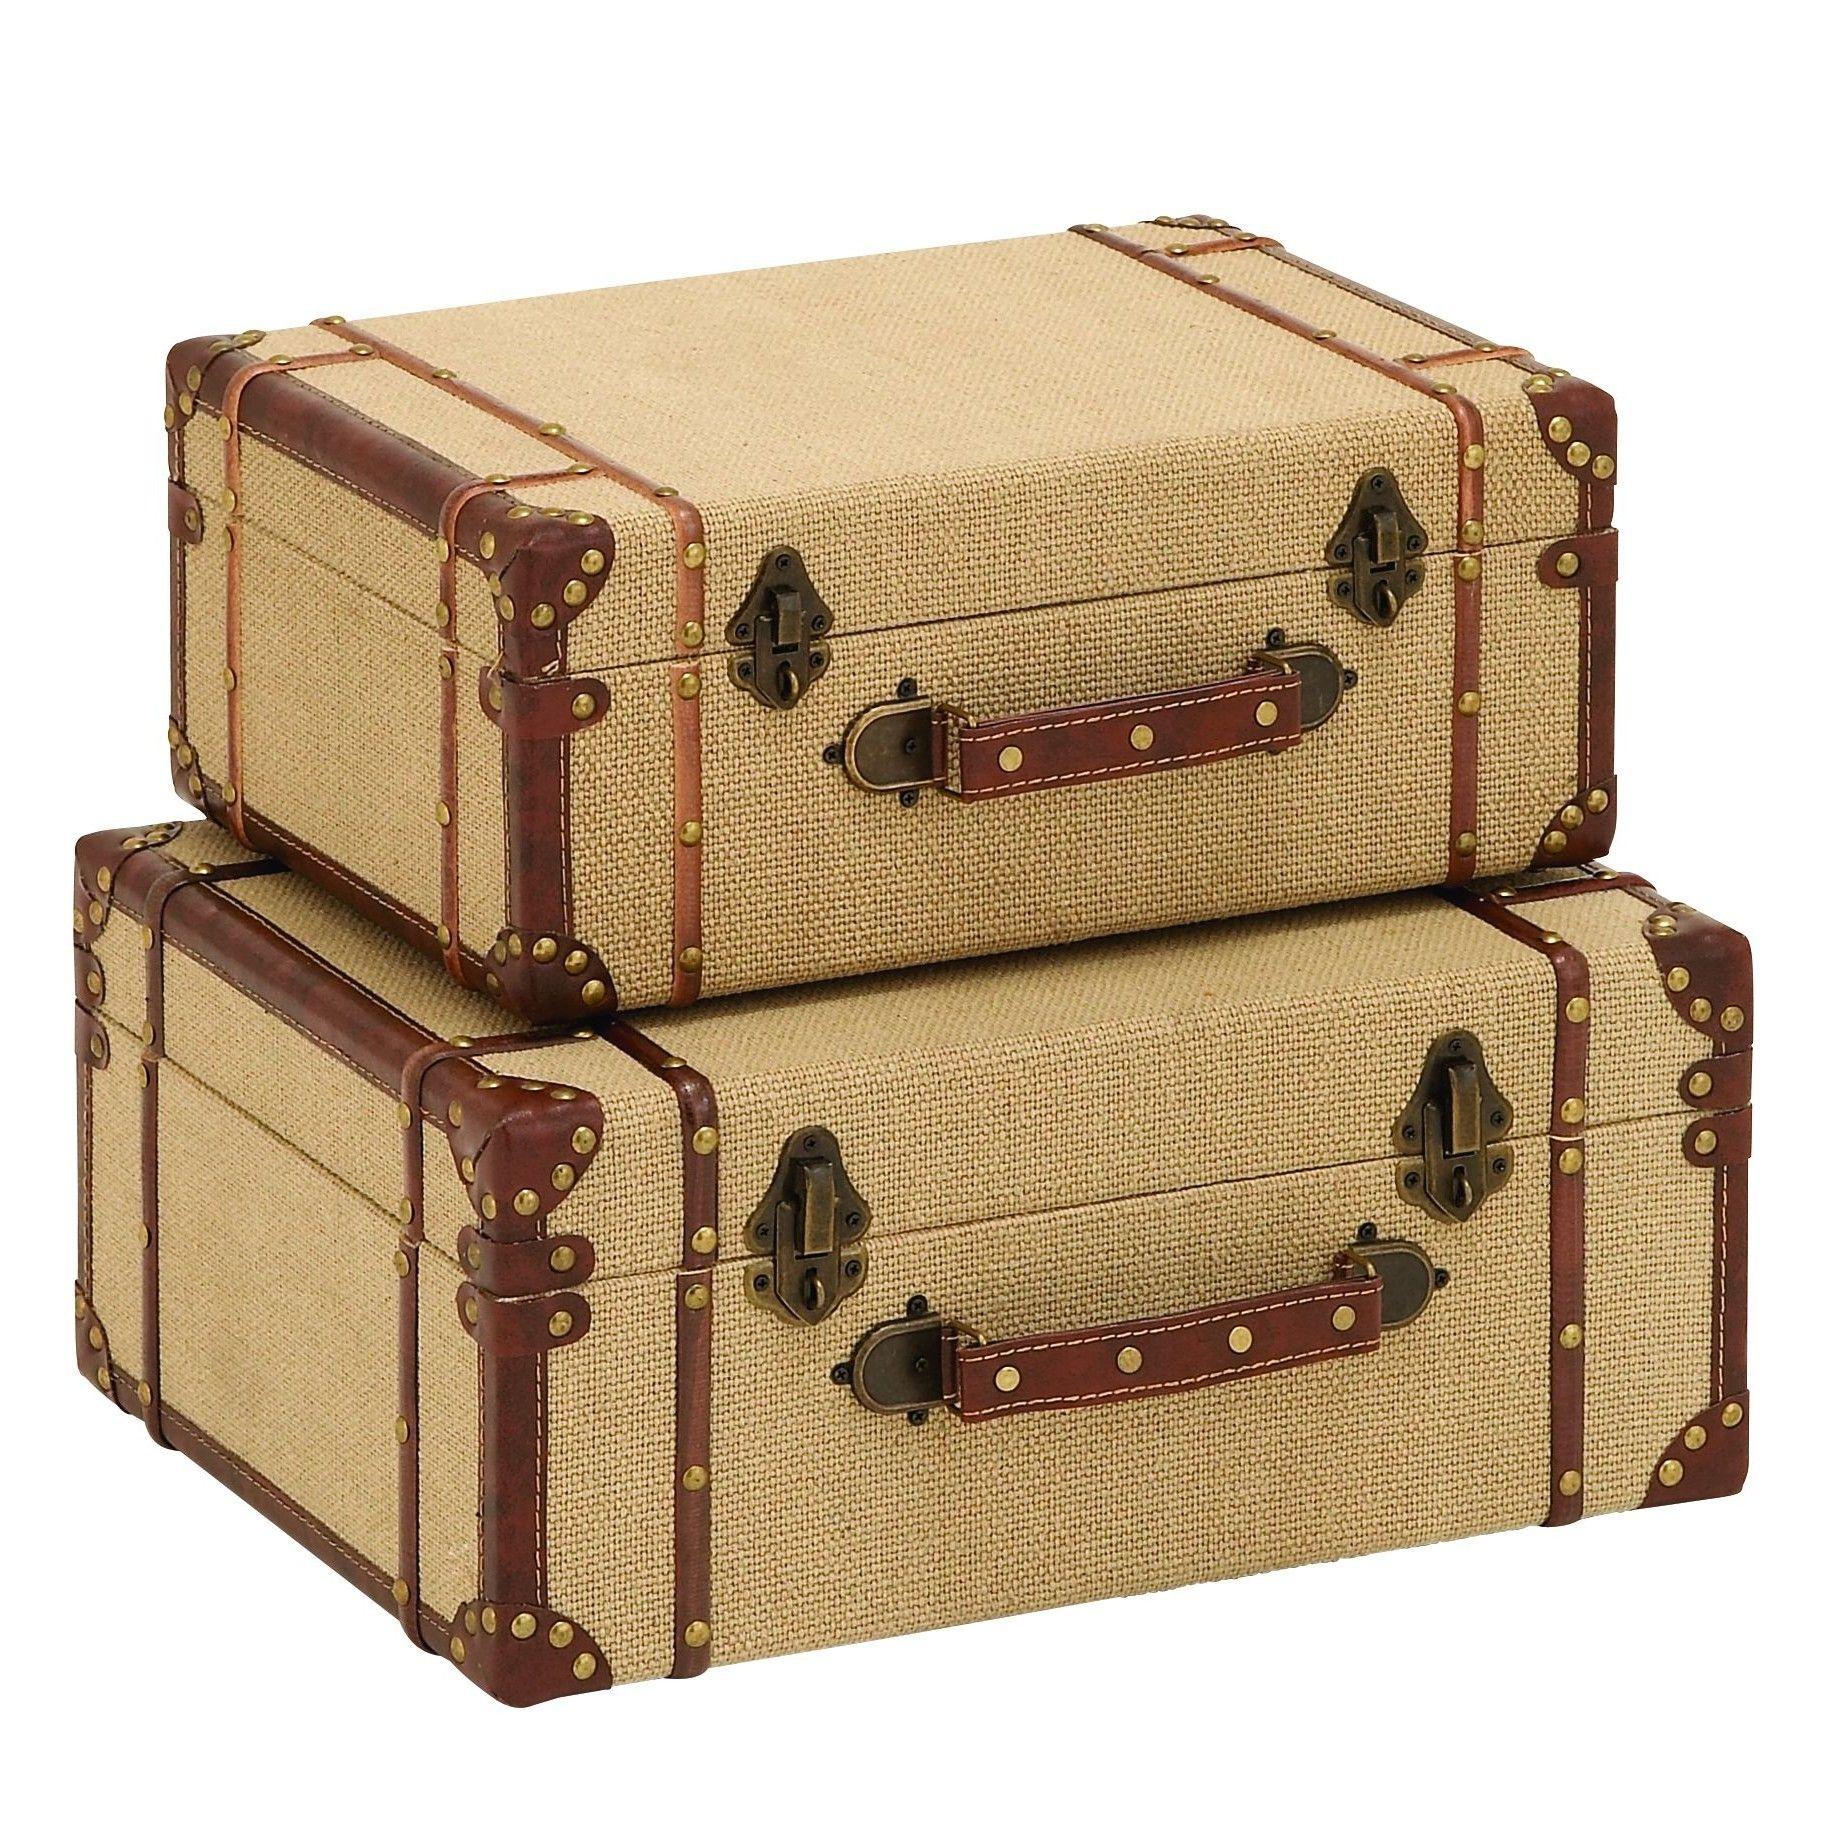 Decorative Luggage Box Woodland Imports 2 Piece Trunk Set  Products  Pinterest  Travel